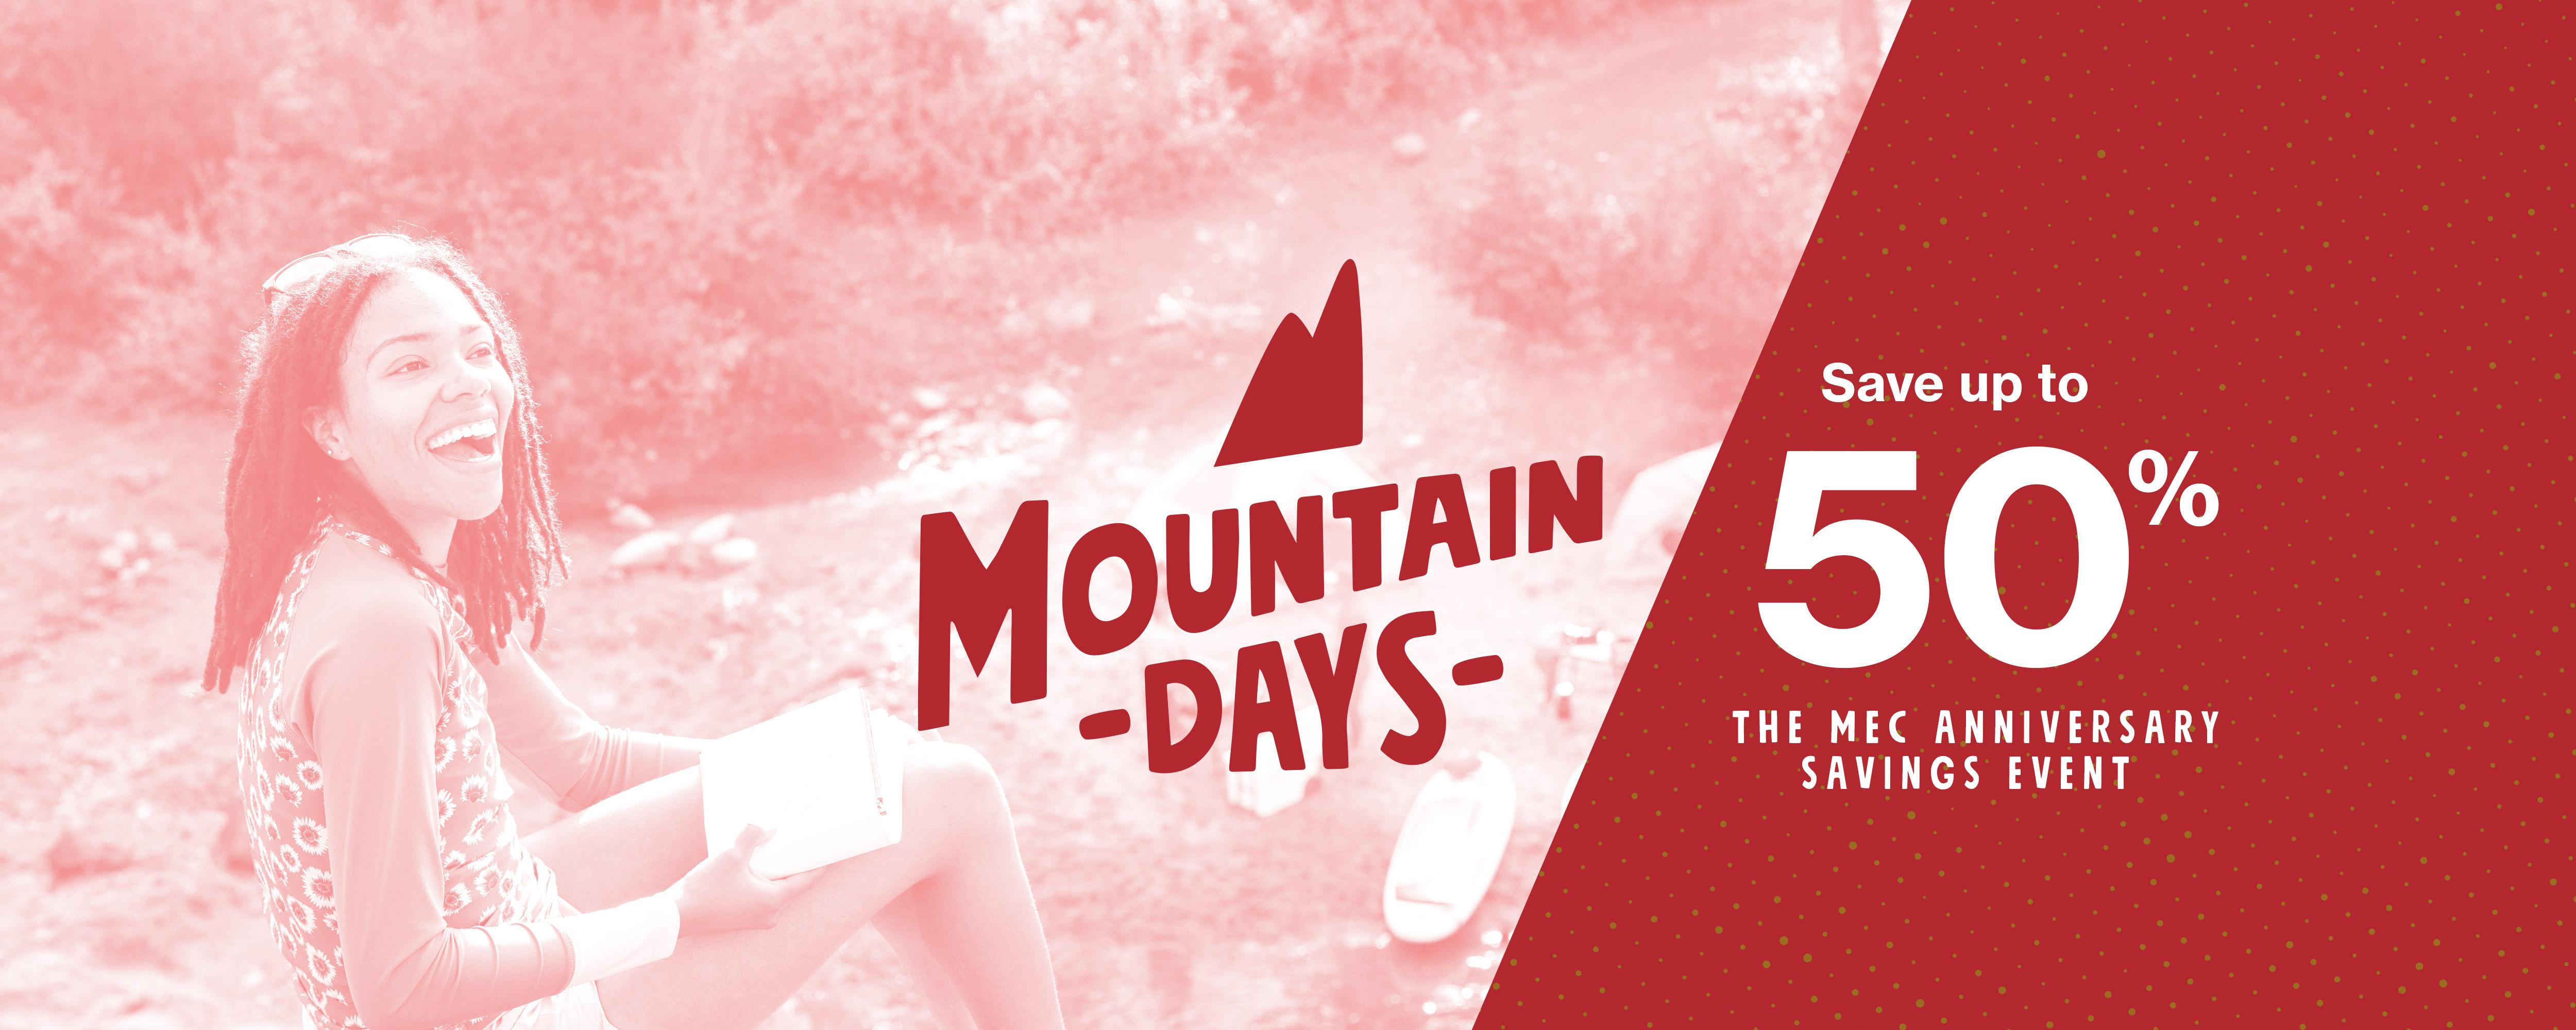 Mountain Equipment Co-op – MEC – Shop climbing, cycling, running